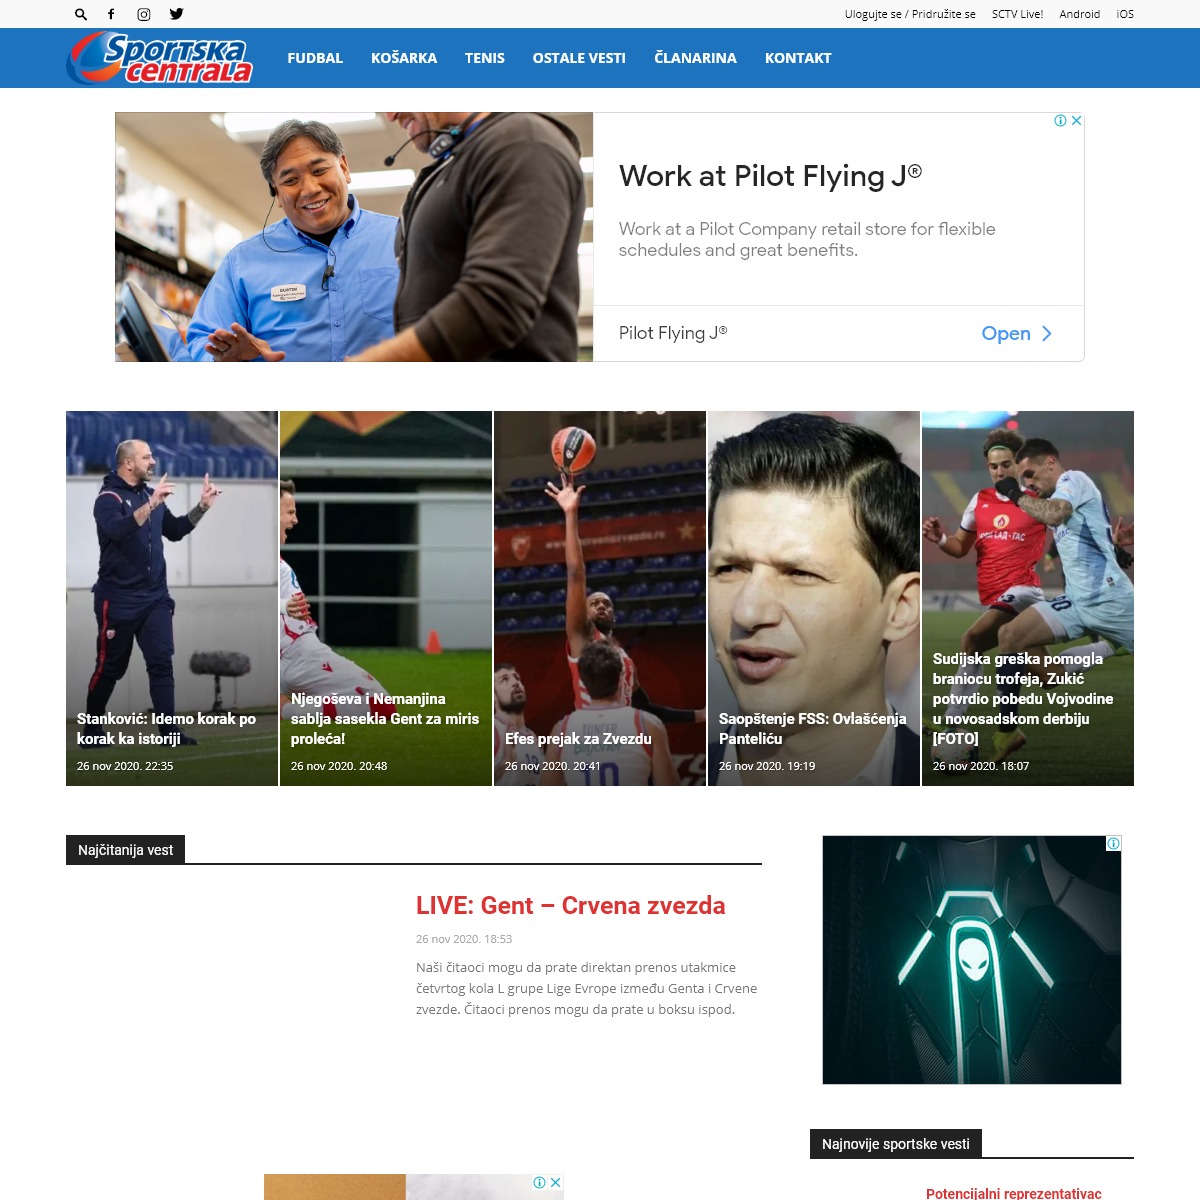 Sportska centrala - Najnovije sportske vesti- ⚽ Fudbal, 🏀 košarka, 🎾 tenis, Crvena zvezda, Partizan, reprezentacija